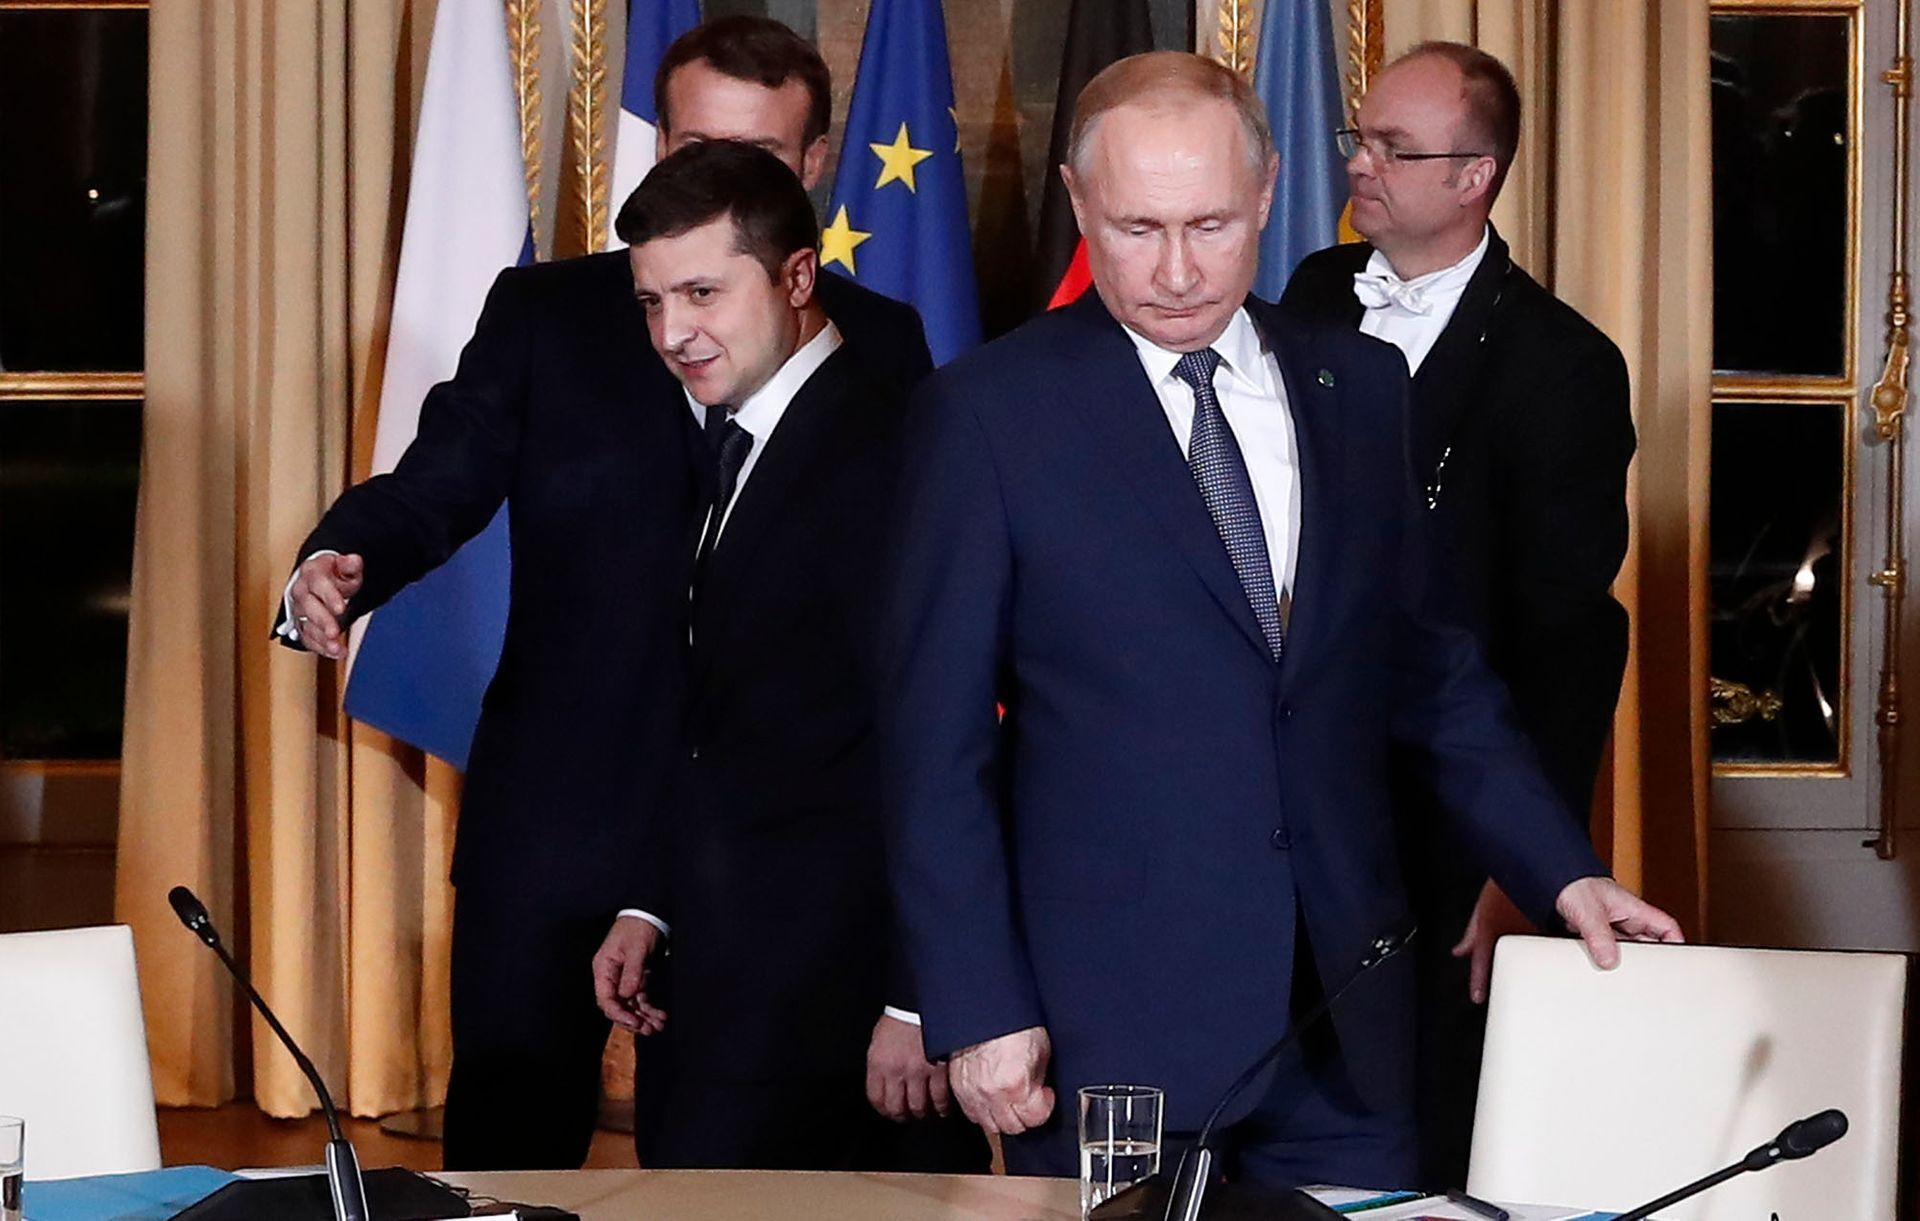 """Последняя встреча в """"нормандском формате"""" на уровне президентов состоялась в декабре 2019 года"""